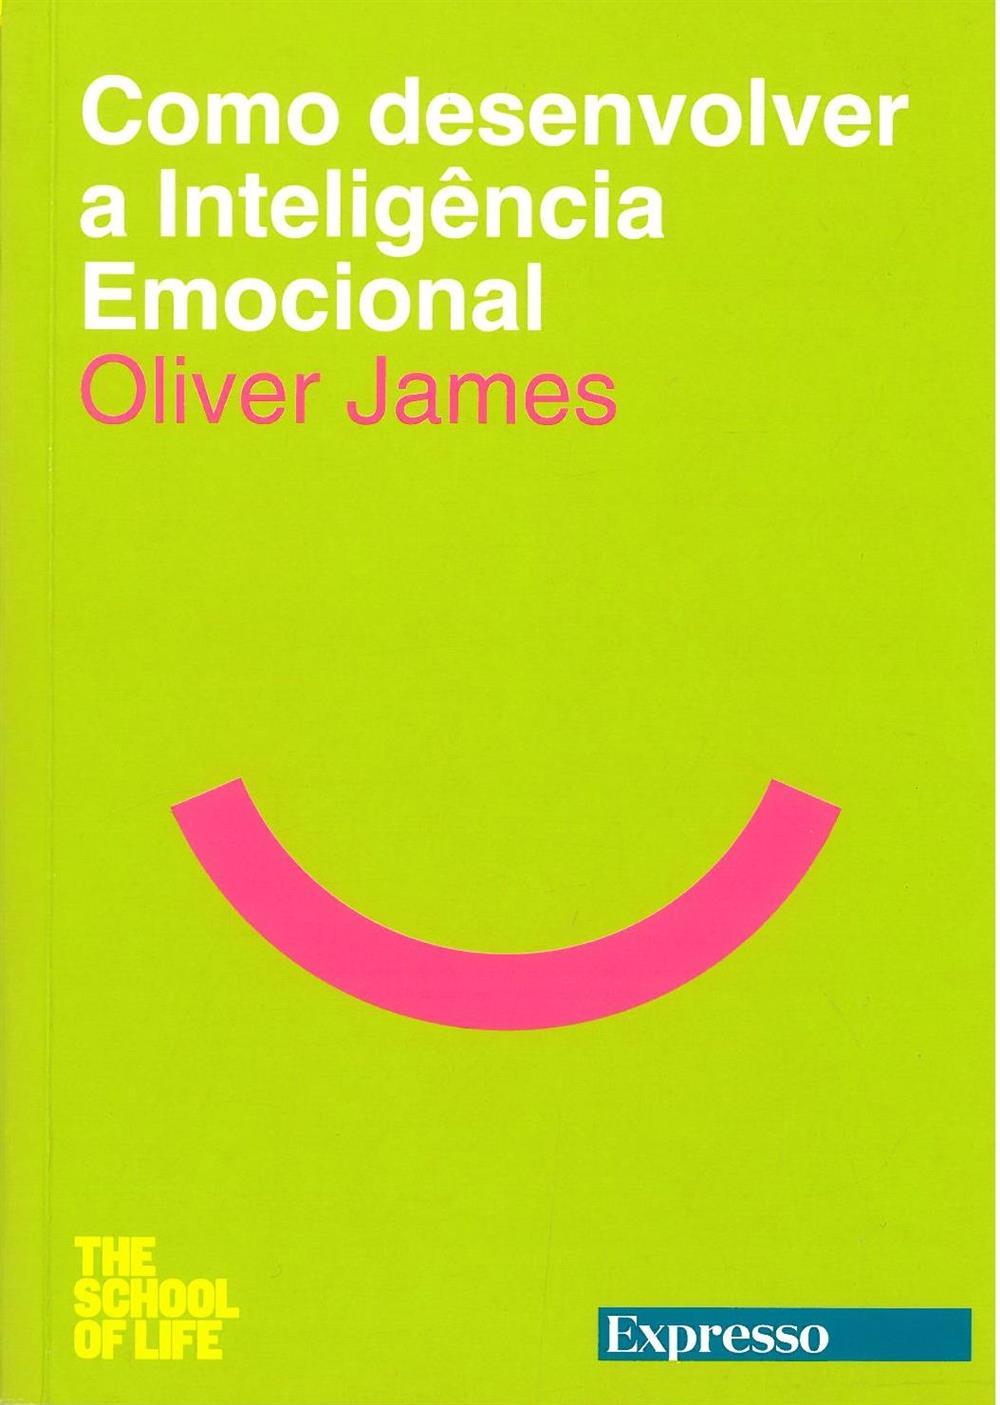 Como desenvolver a inteligência emocional.jpg